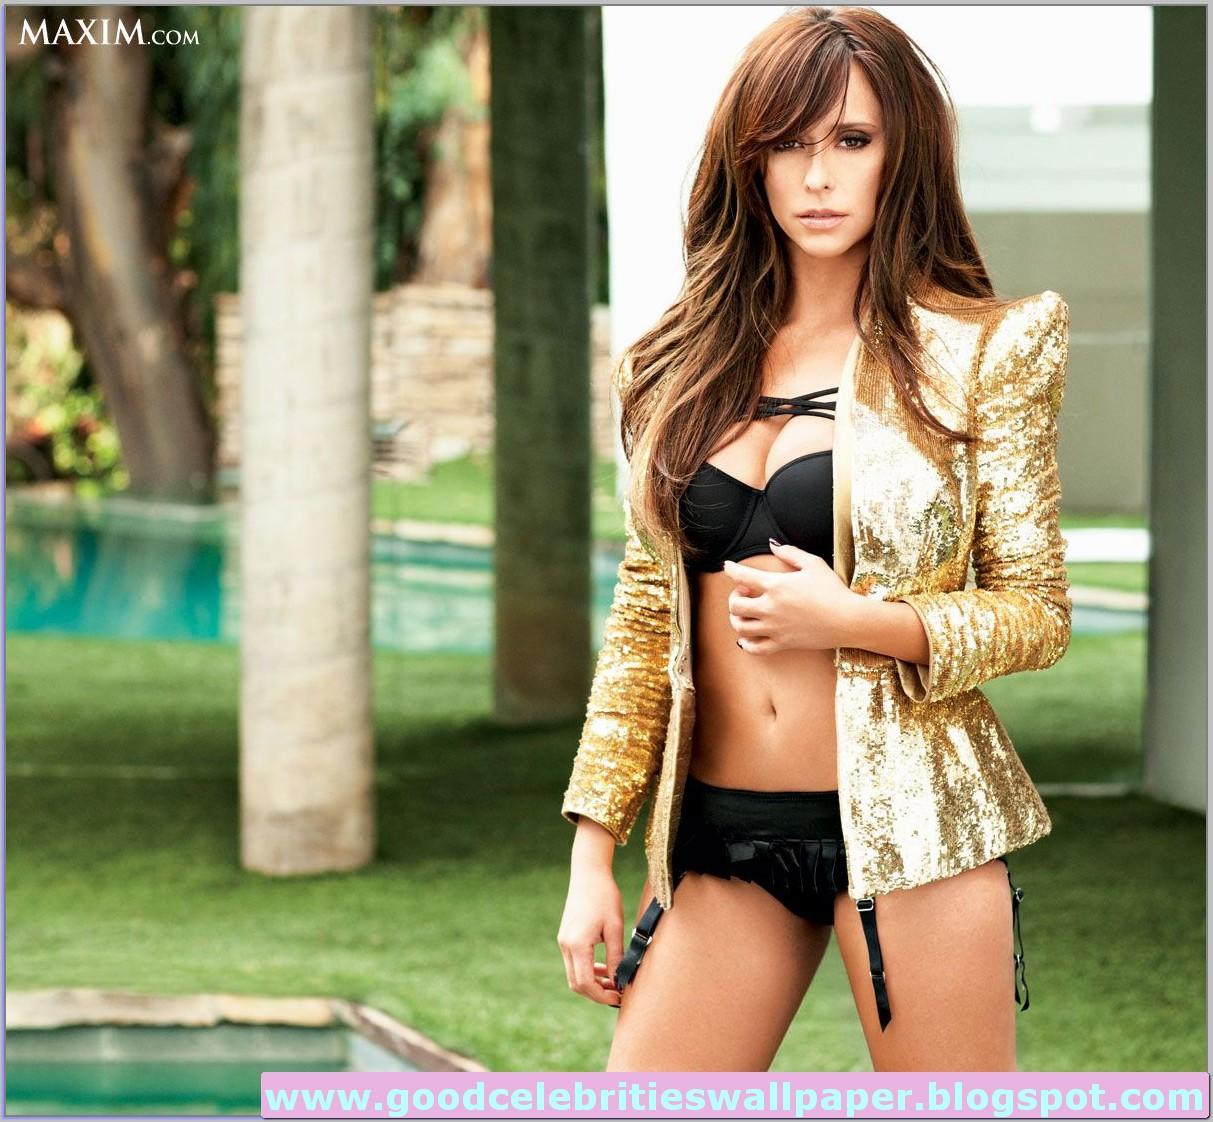 http://3.bp.blogspot.com/-Hrv2OVFmibo/T2WXWZHJHLI/AAAAAAAAGpU/PB_0c9F09SA/s1600/Jennifer+Love+Hewitt+in+Maxim+4.jpg